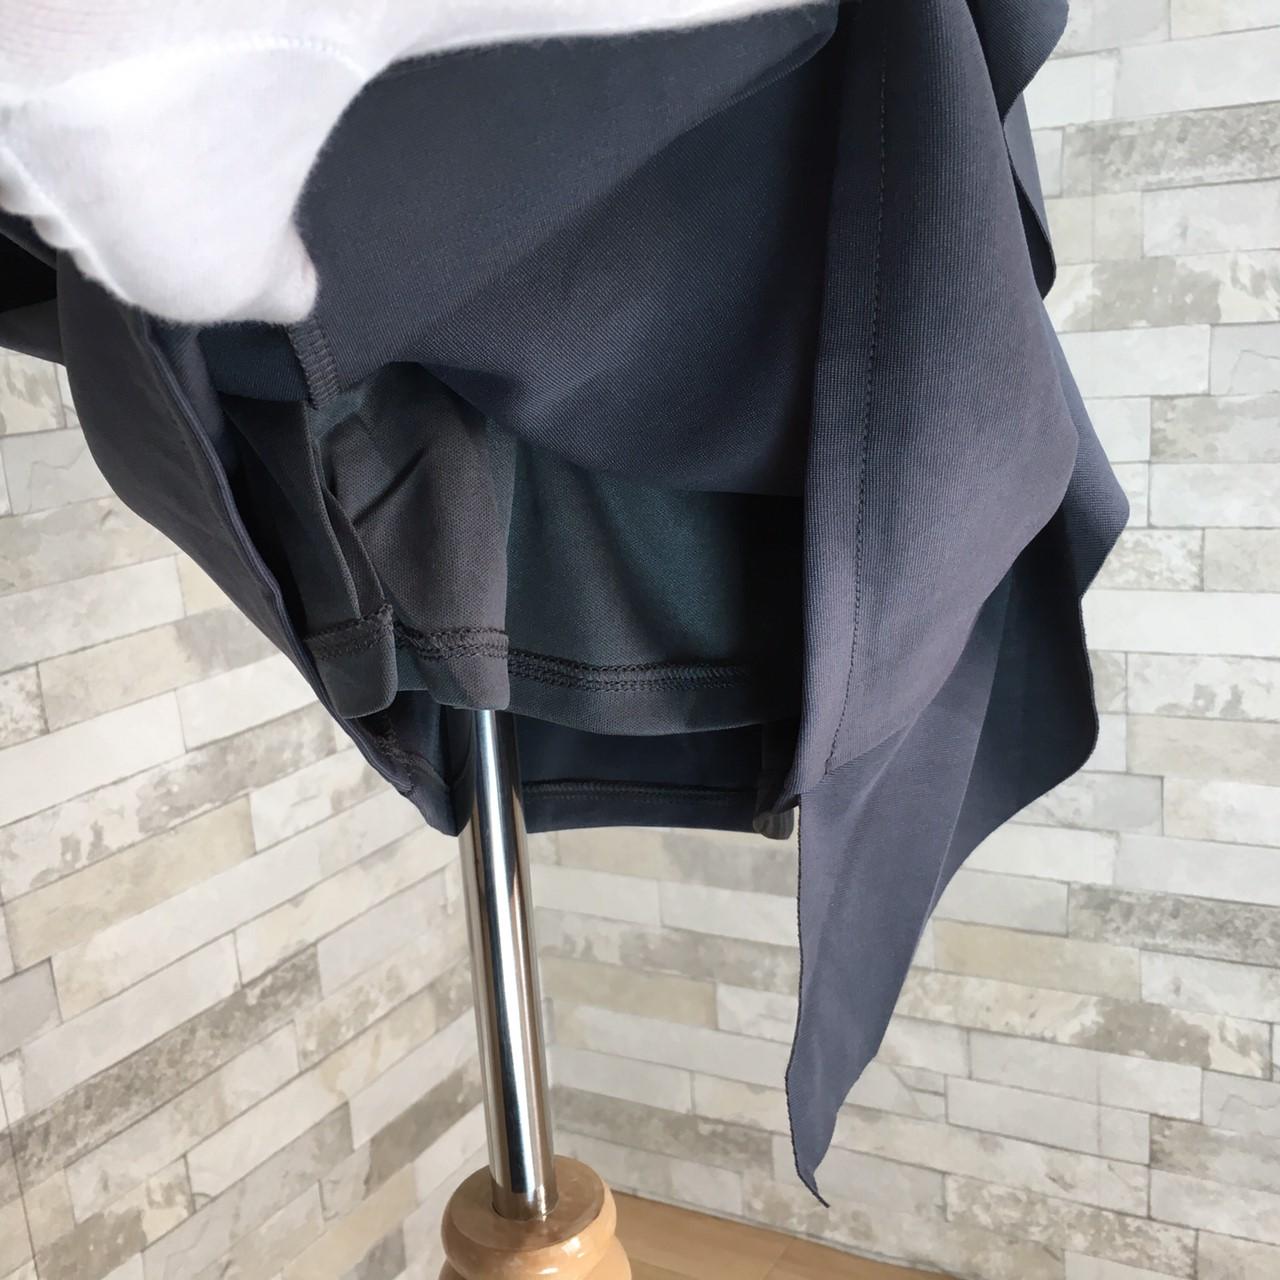 韓国 ファッション ワンピース パーティードレス ショート ミニ丈 秋 冬 パーティー ブライダル PTXG865 結婚式 お呼ばれ シースルー アシンメトリー ラッフル タ 二次会 セレブ きれいめの写真20枚目